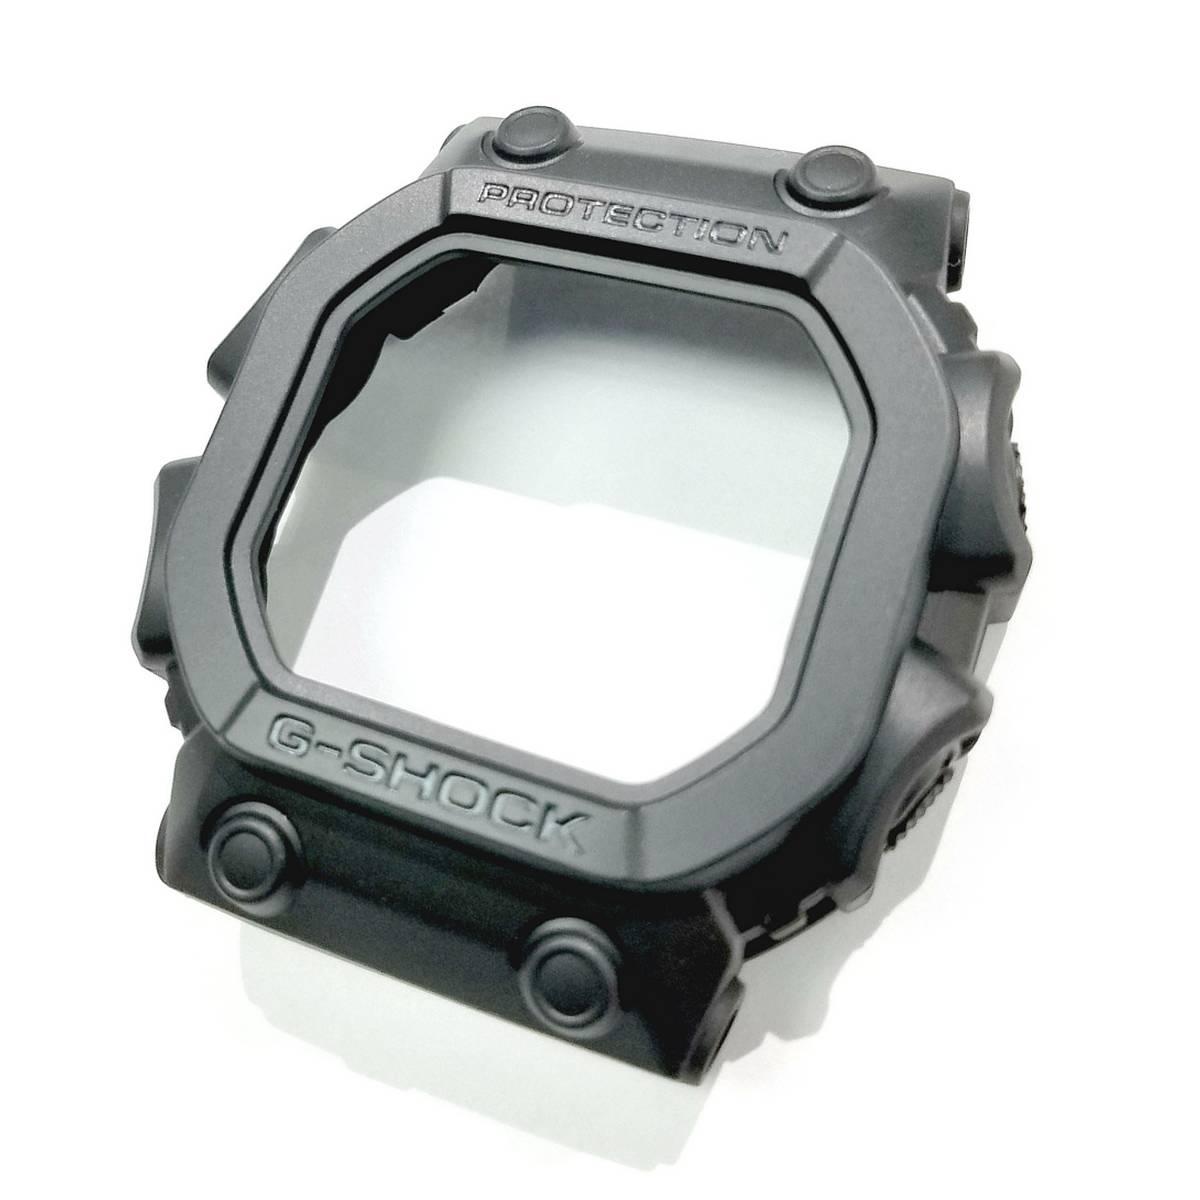 Bezel Casio GX-56GB-1, GXW-56GB-1 G-shock Preto Fosco 100% Original  - E-Presentes